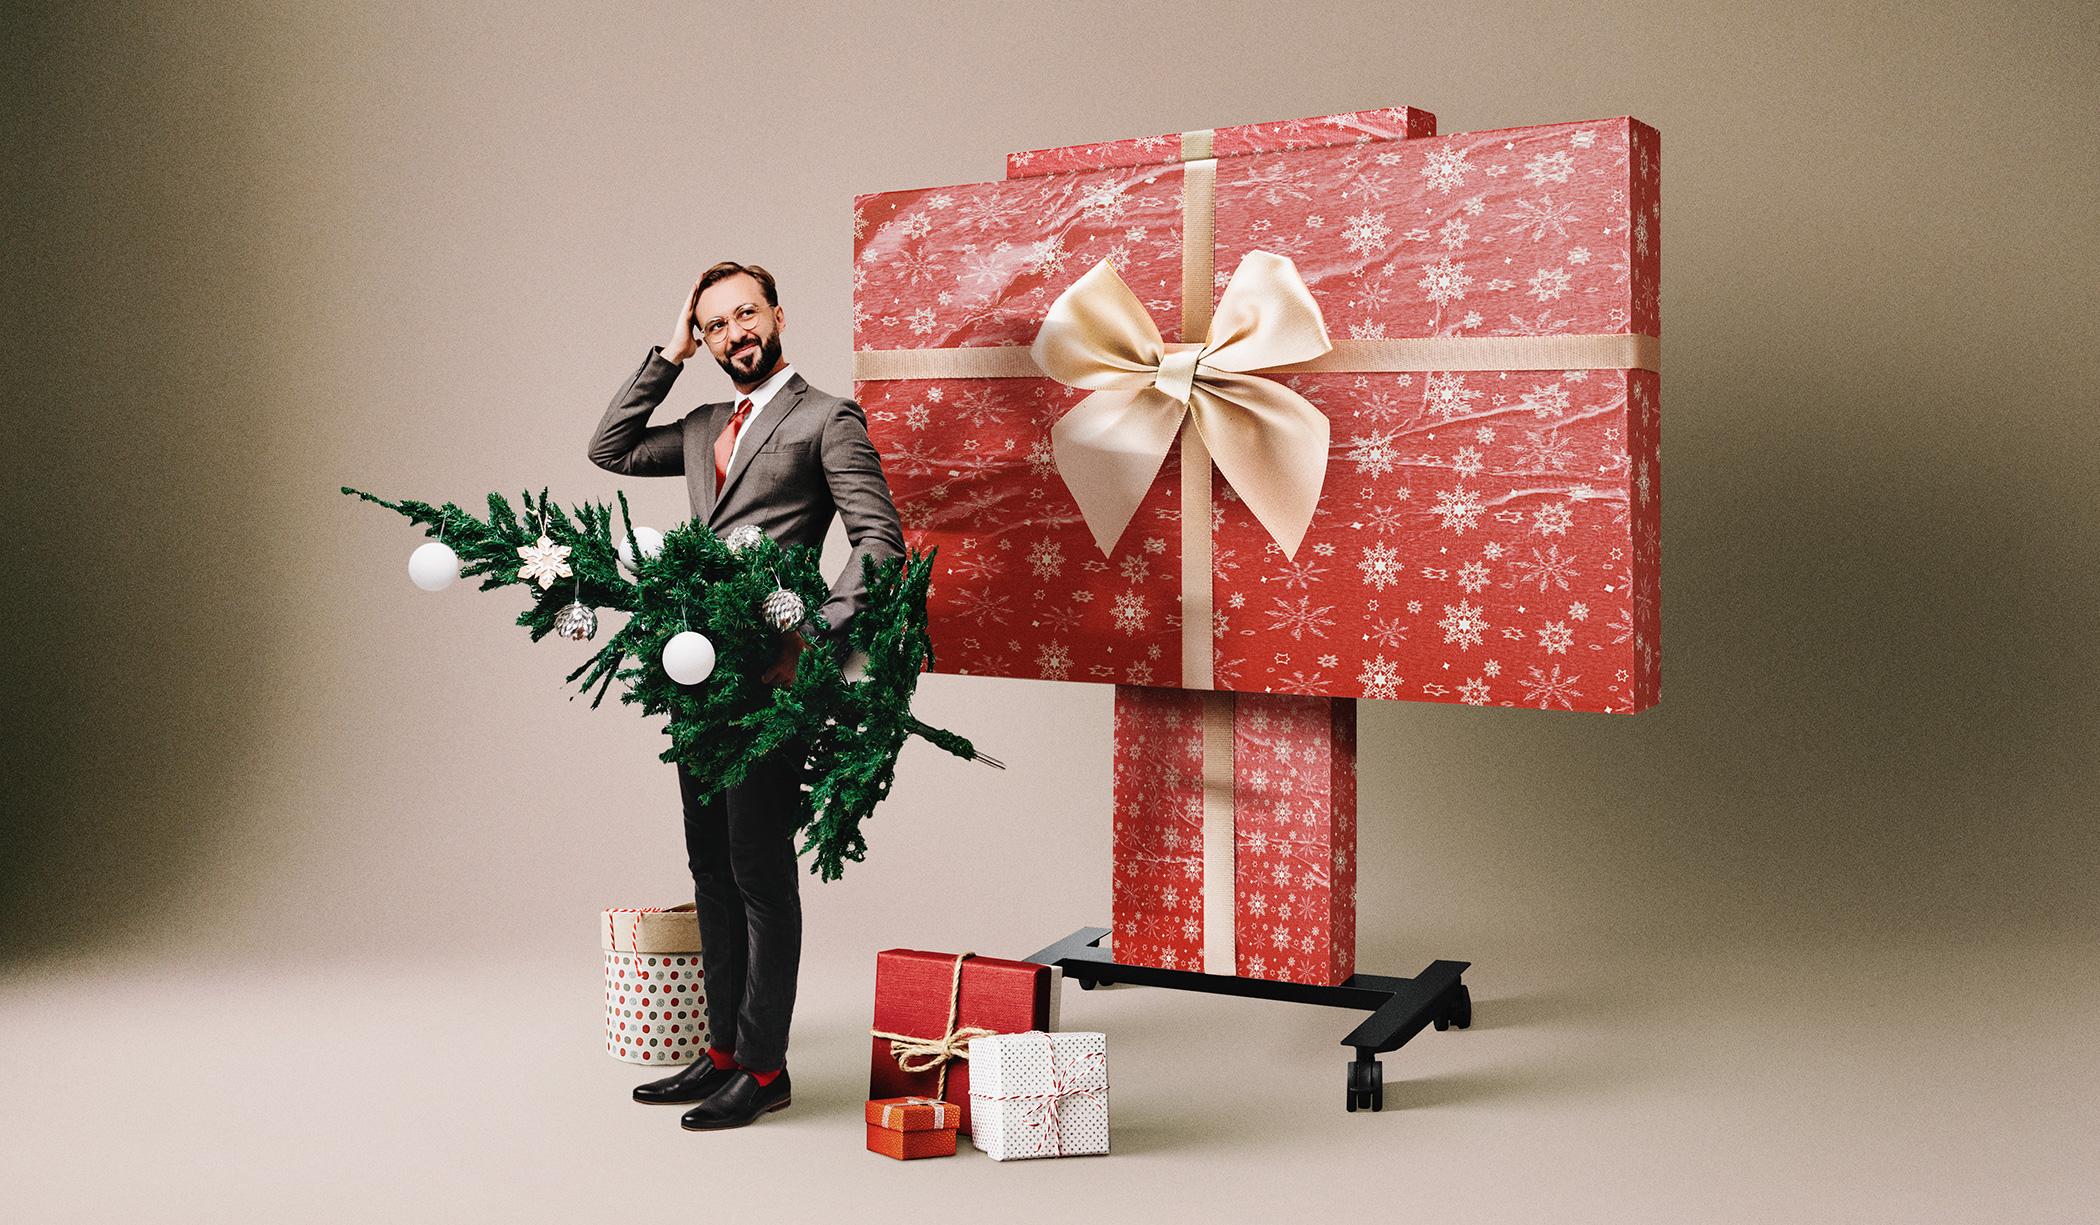 Interaktive Präsentationstechnik verpackt als Geschenk zu Weihnachten?